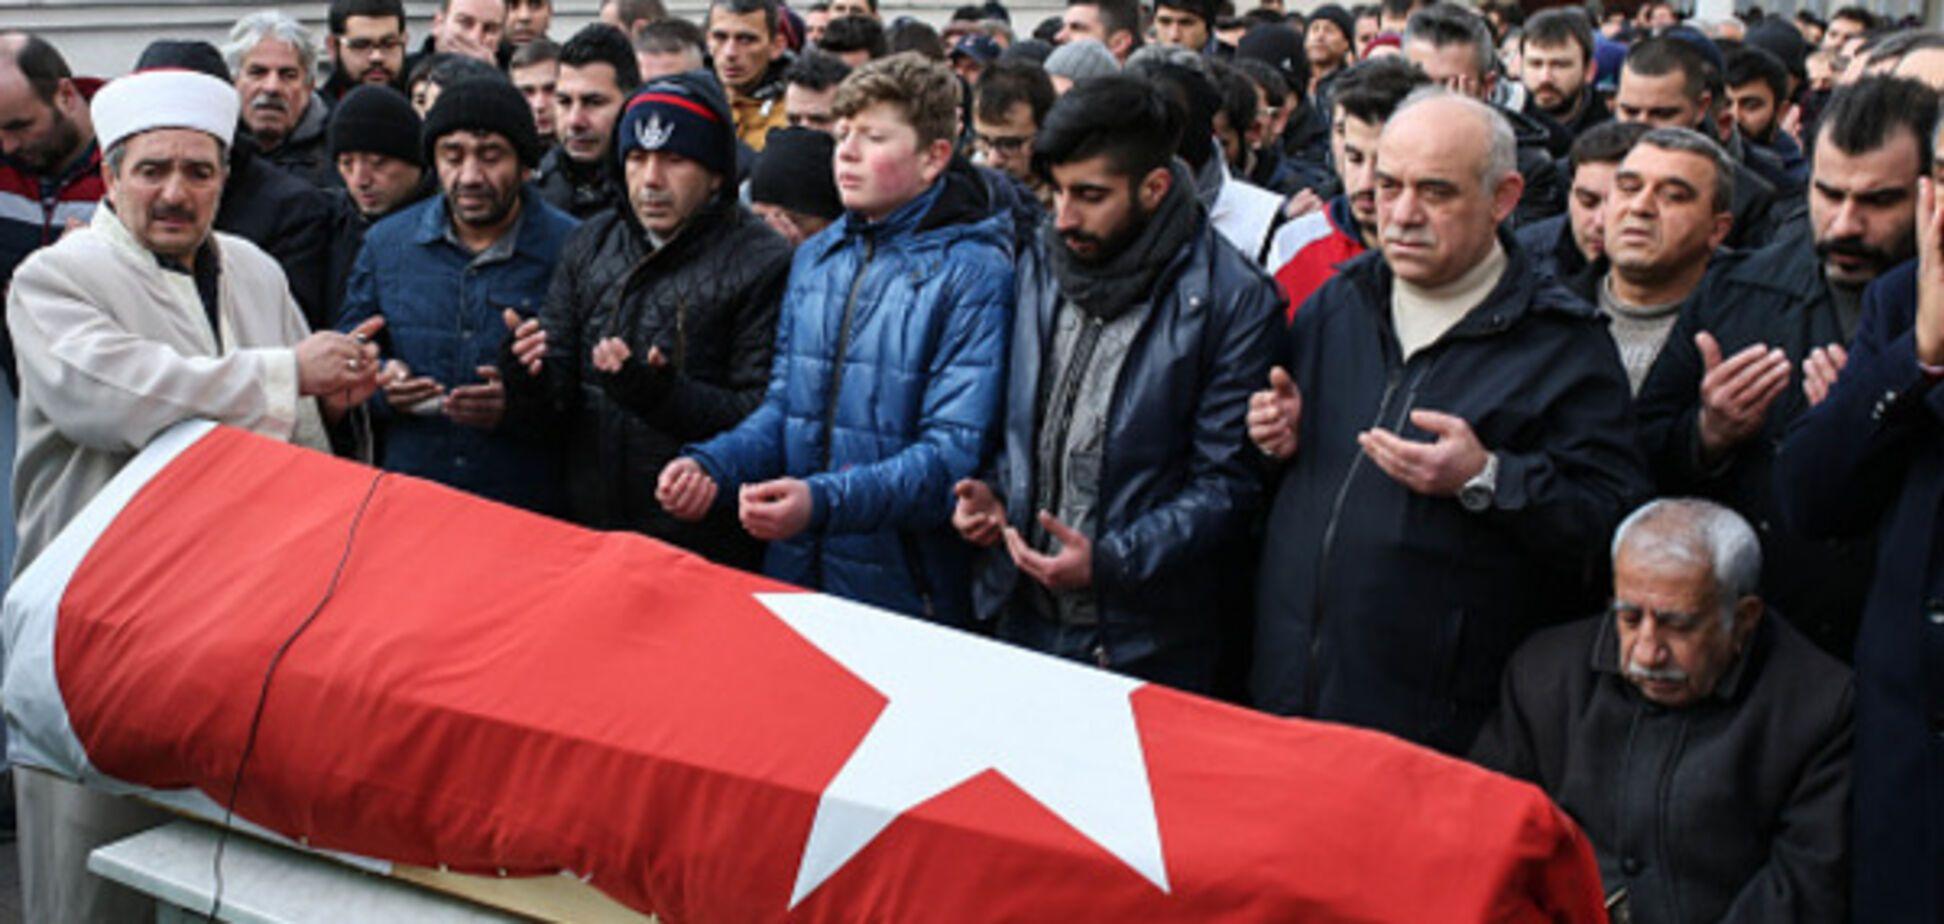 Кровавая расплата: Турция ответила на теракт в Стамбуле ударами по ИГИЛ